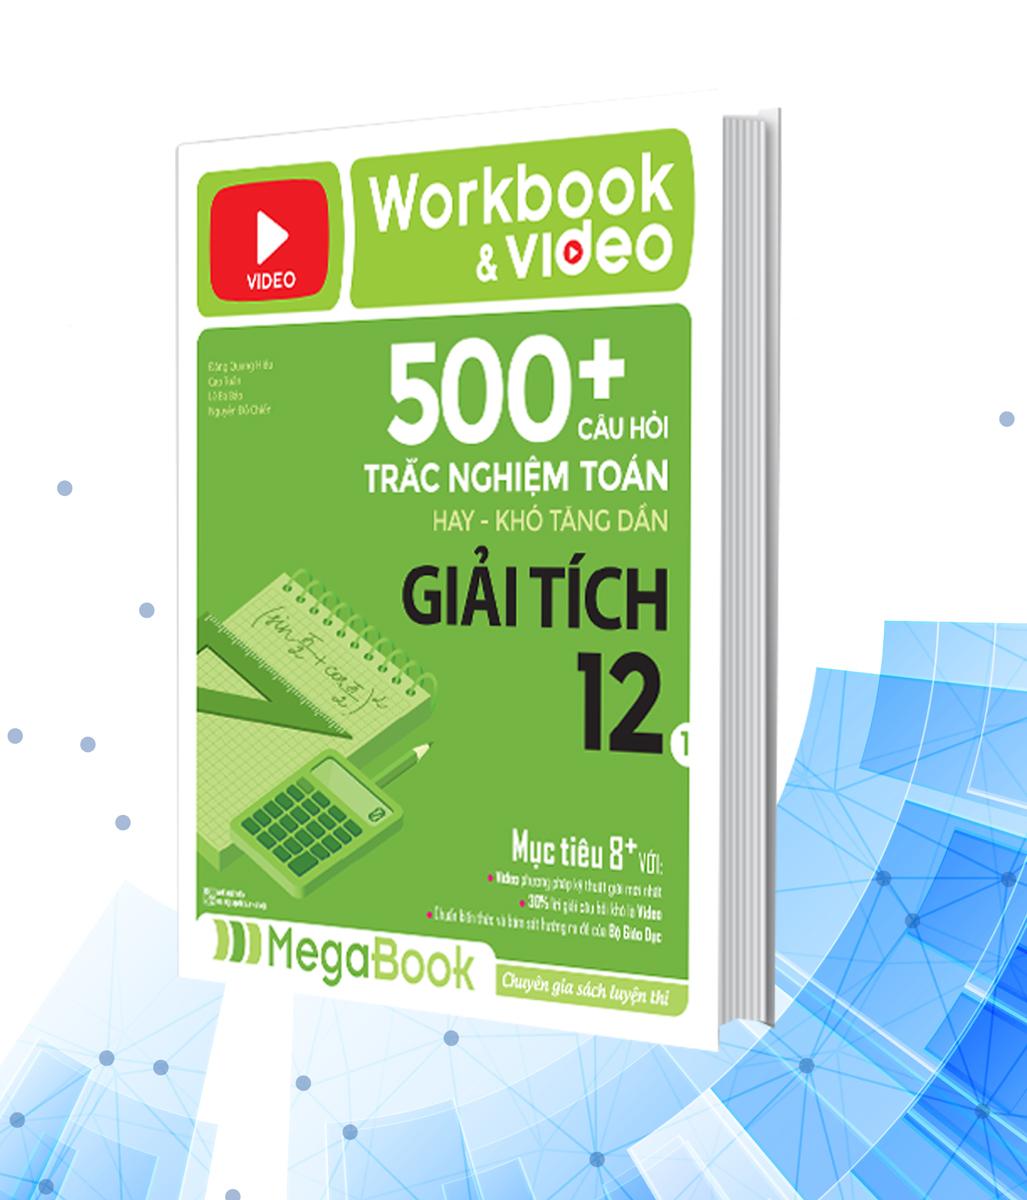 Workbook & Video 500+ Câu Hỏi Trắc Nghiệm Toán Hay - Khó Tăng Dần Giải Tích 12 ( Tập 1)